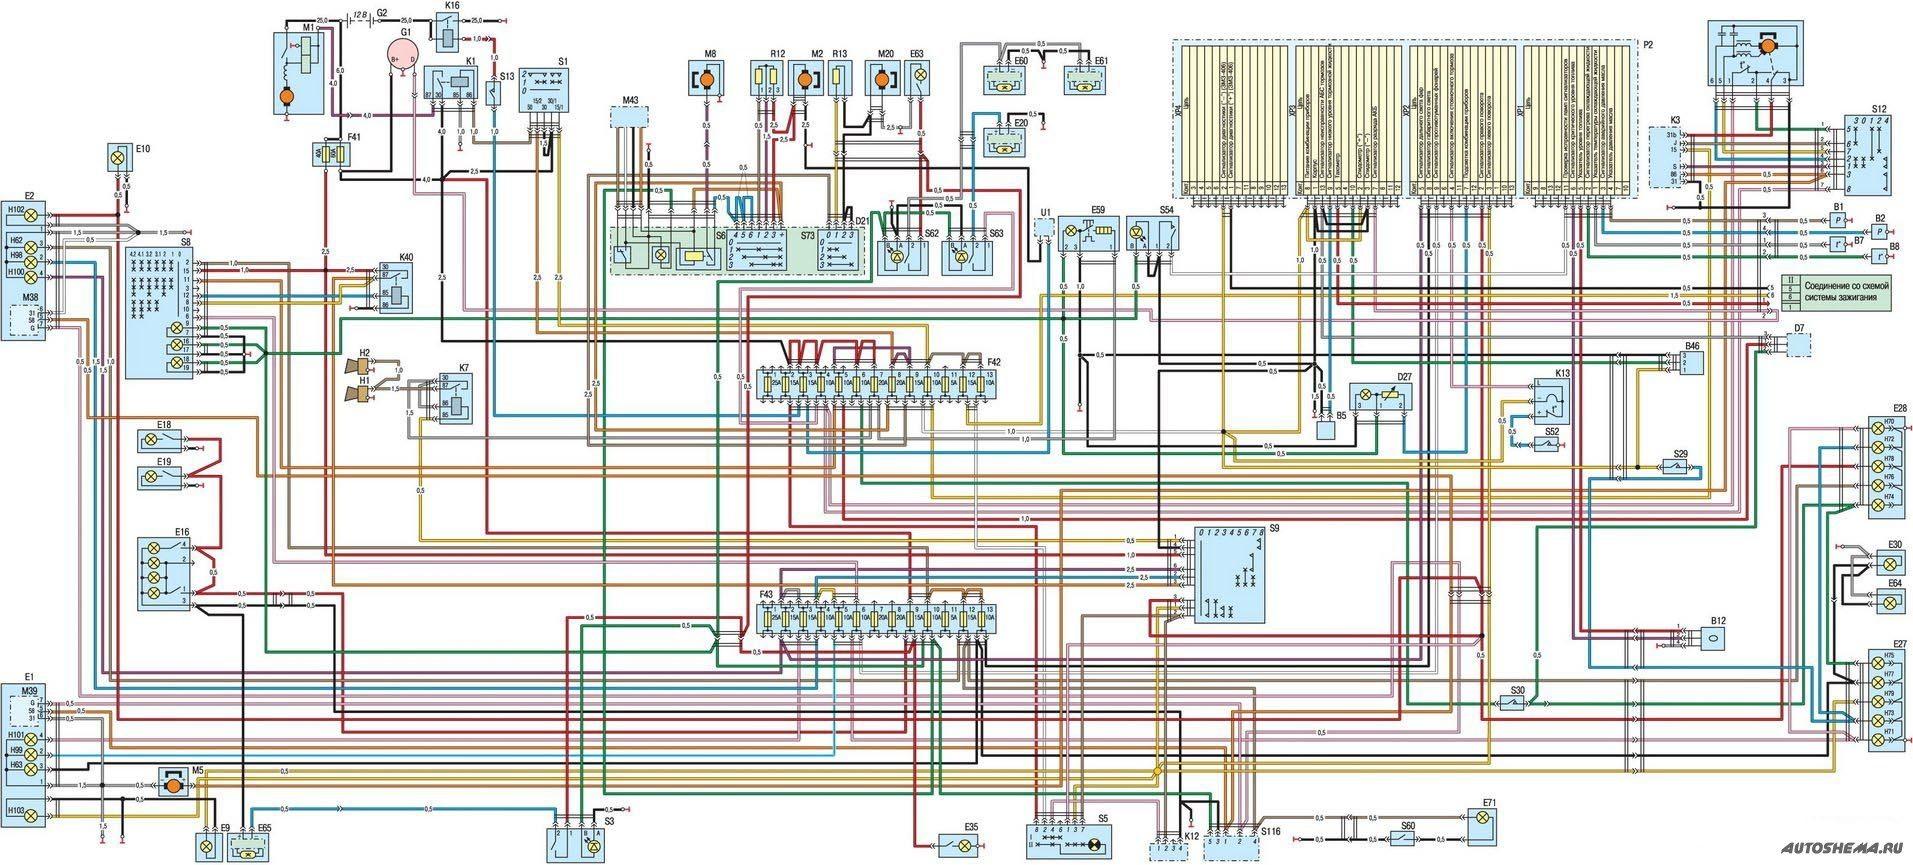 Электрическая схема газели змз 406 карбюратор6